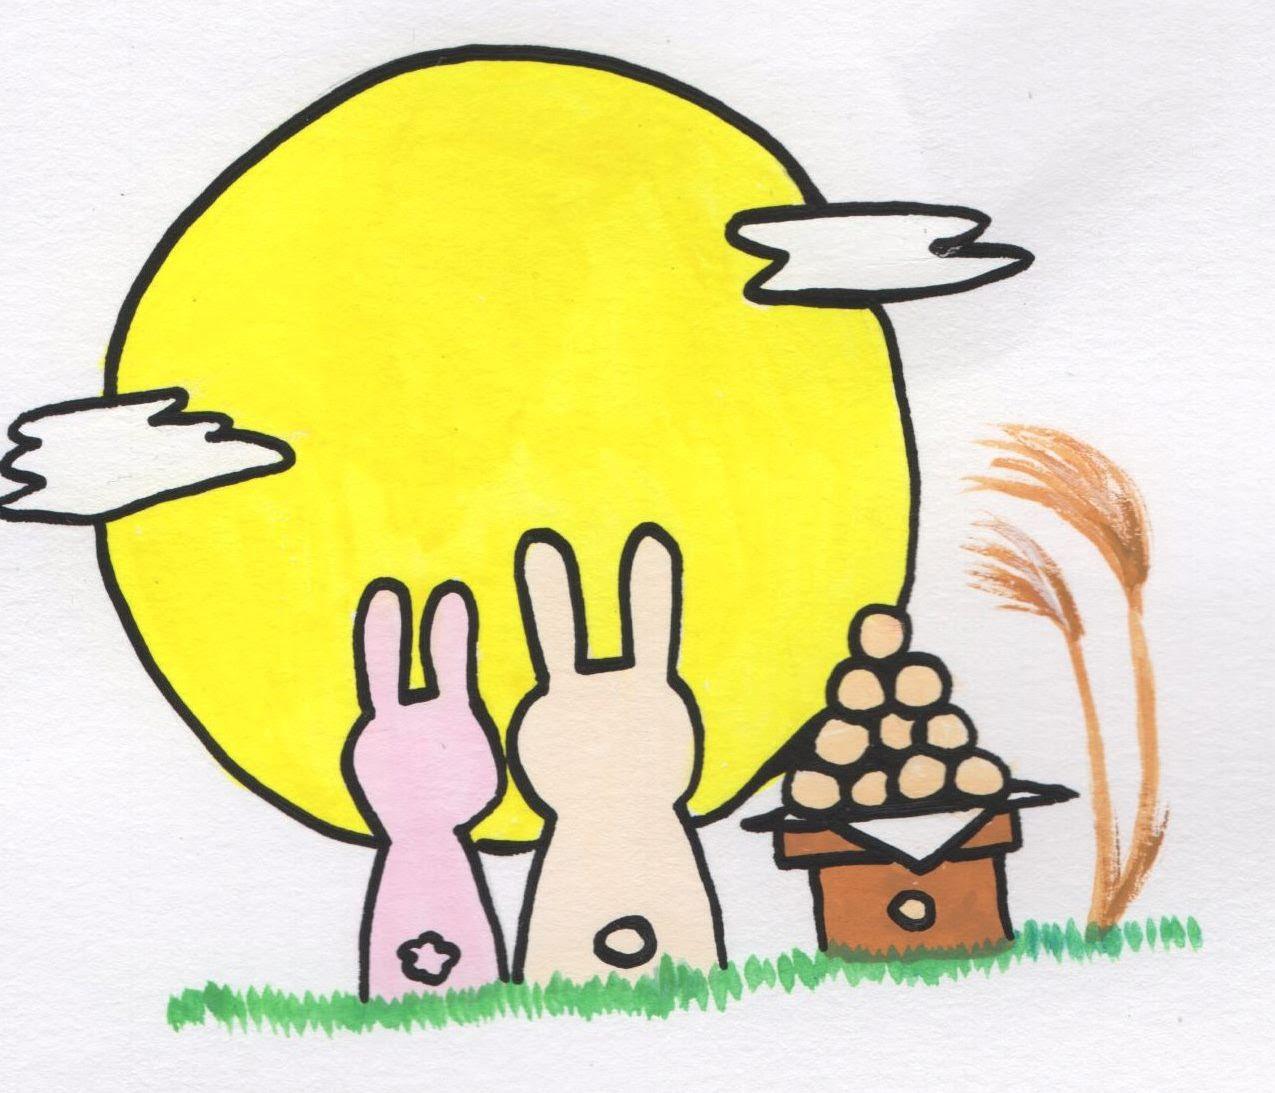 お月見月うさぎダンゴのイラスト 手書きの無料イラストとフリー